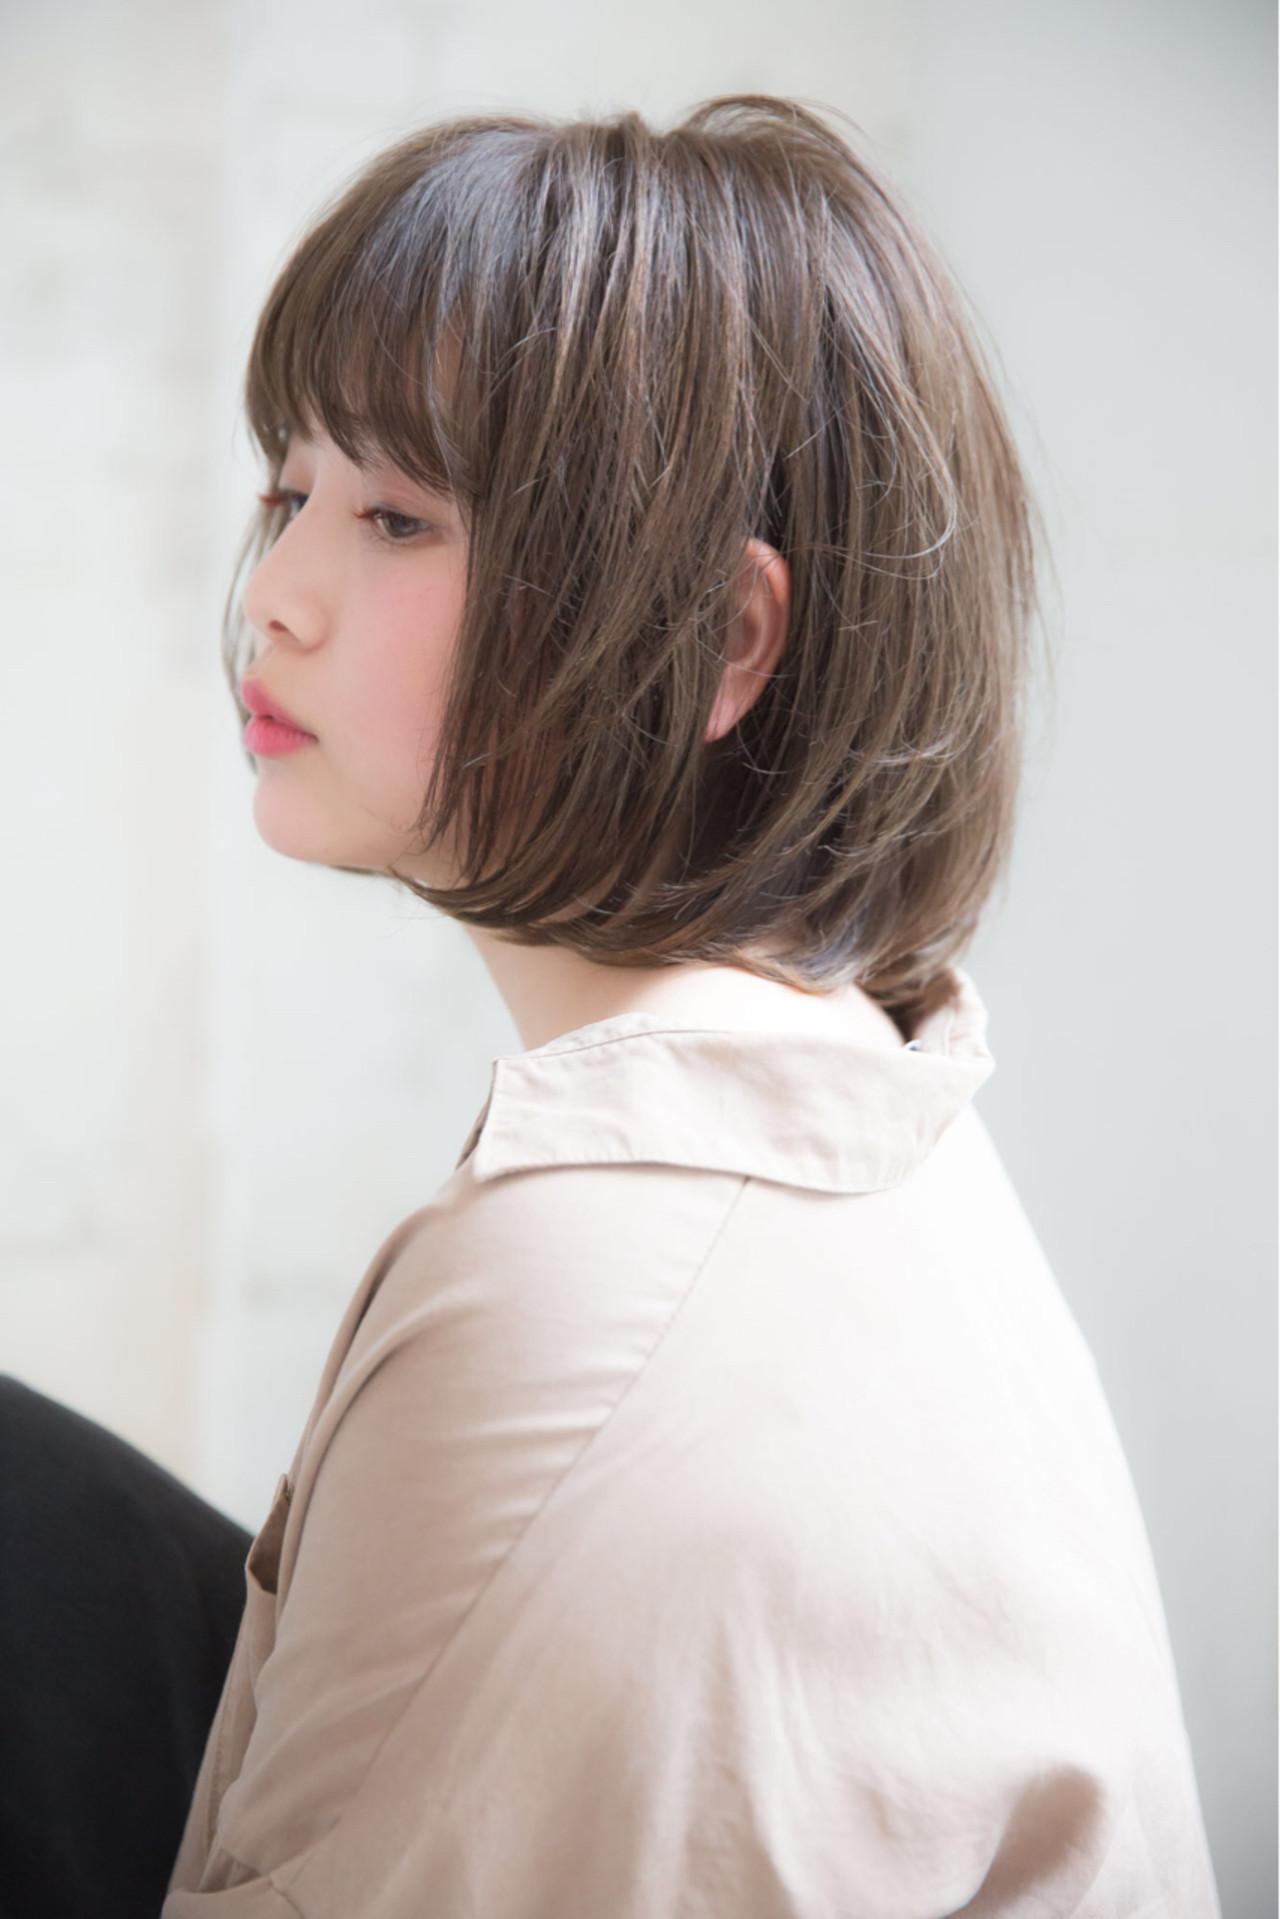 ボブ 前髪あり 色気 ナチュラル ヘアスタイルや髪型の写真・画像 | 浦野 陽介 / free-lance